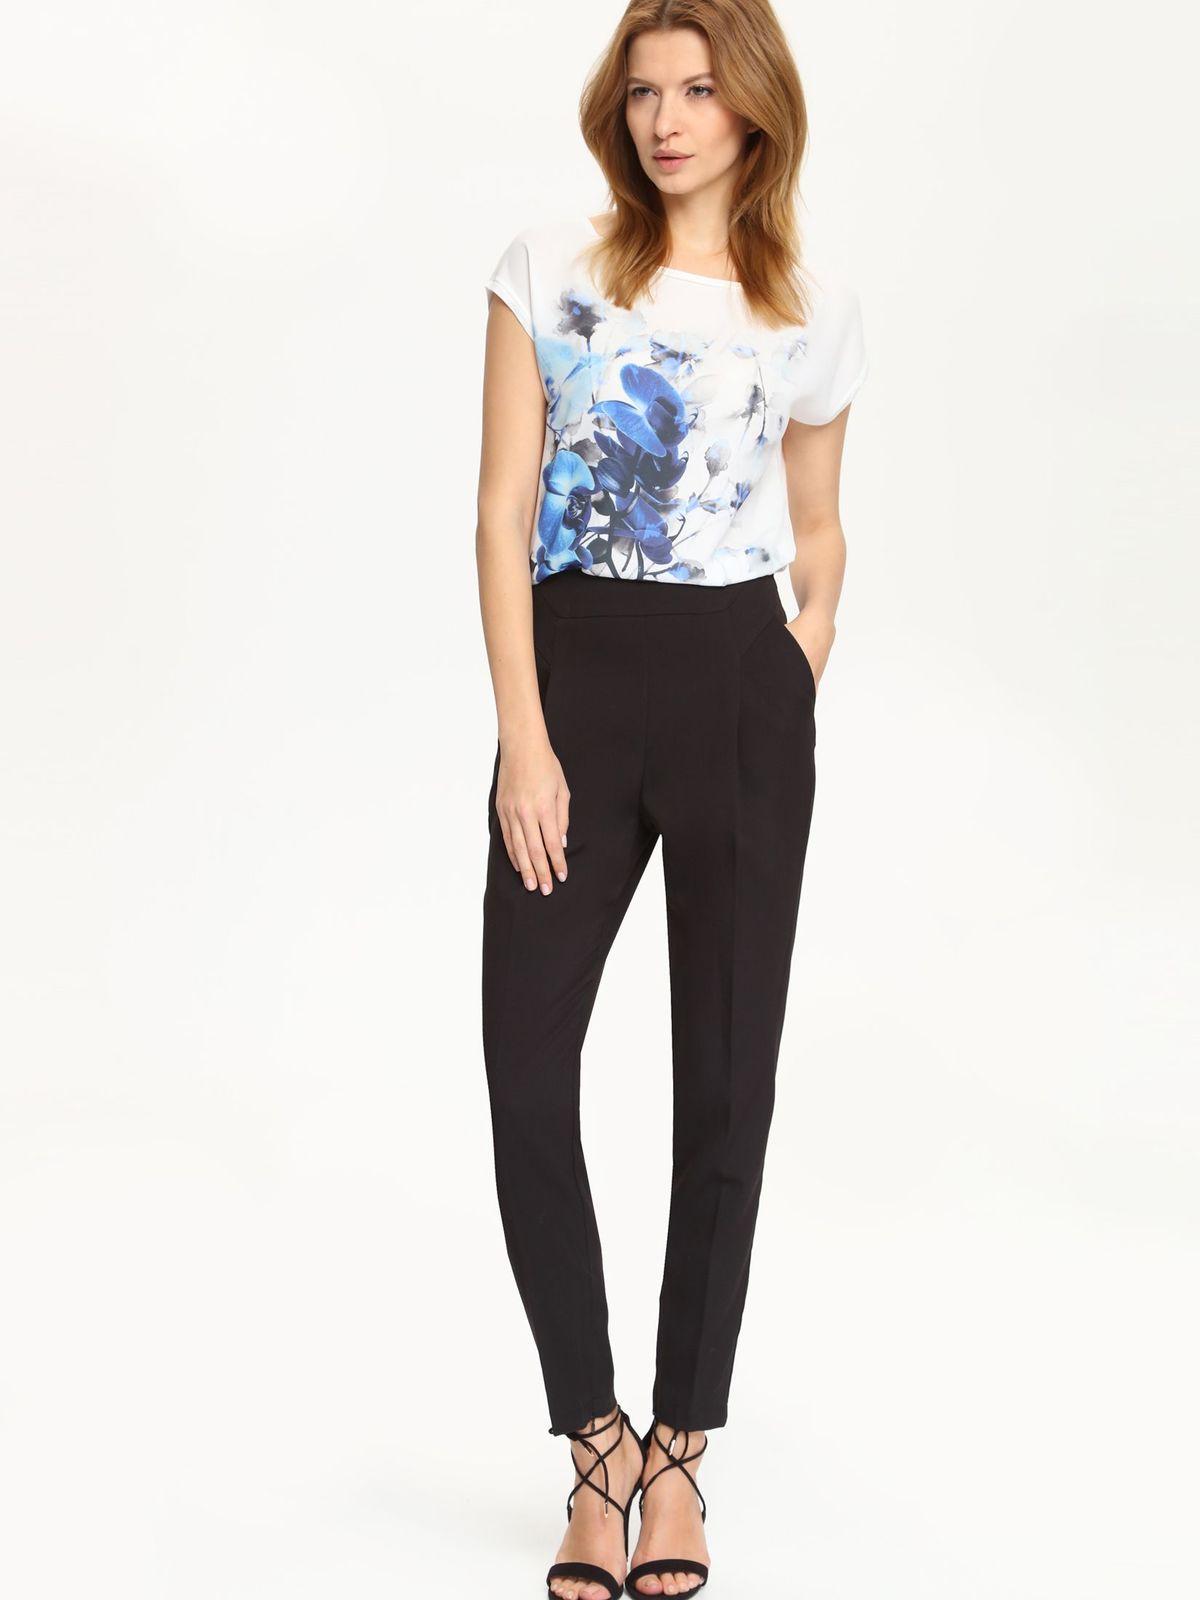 Блузка женская. SBK2171SBK2171BIСтильная женская блуза Top Secret, выполненная из полиэстера и вискозы, подчеркнет ваш уникальный стиль и поможет создать оригинальный женственный образ. Свободная блузка с короткими цельнокроеными рукавами и воротником лодочкой. Модель оформлена цветочным принтом и небольшой металлической нашивкой с названием бренда. Низ изделия по боковым швам дополнен небольшими разрезами. Такая блузка будет дарить вам комфорт в течение всего дня и послужит замечательным дополнением к вашему гардеробу.